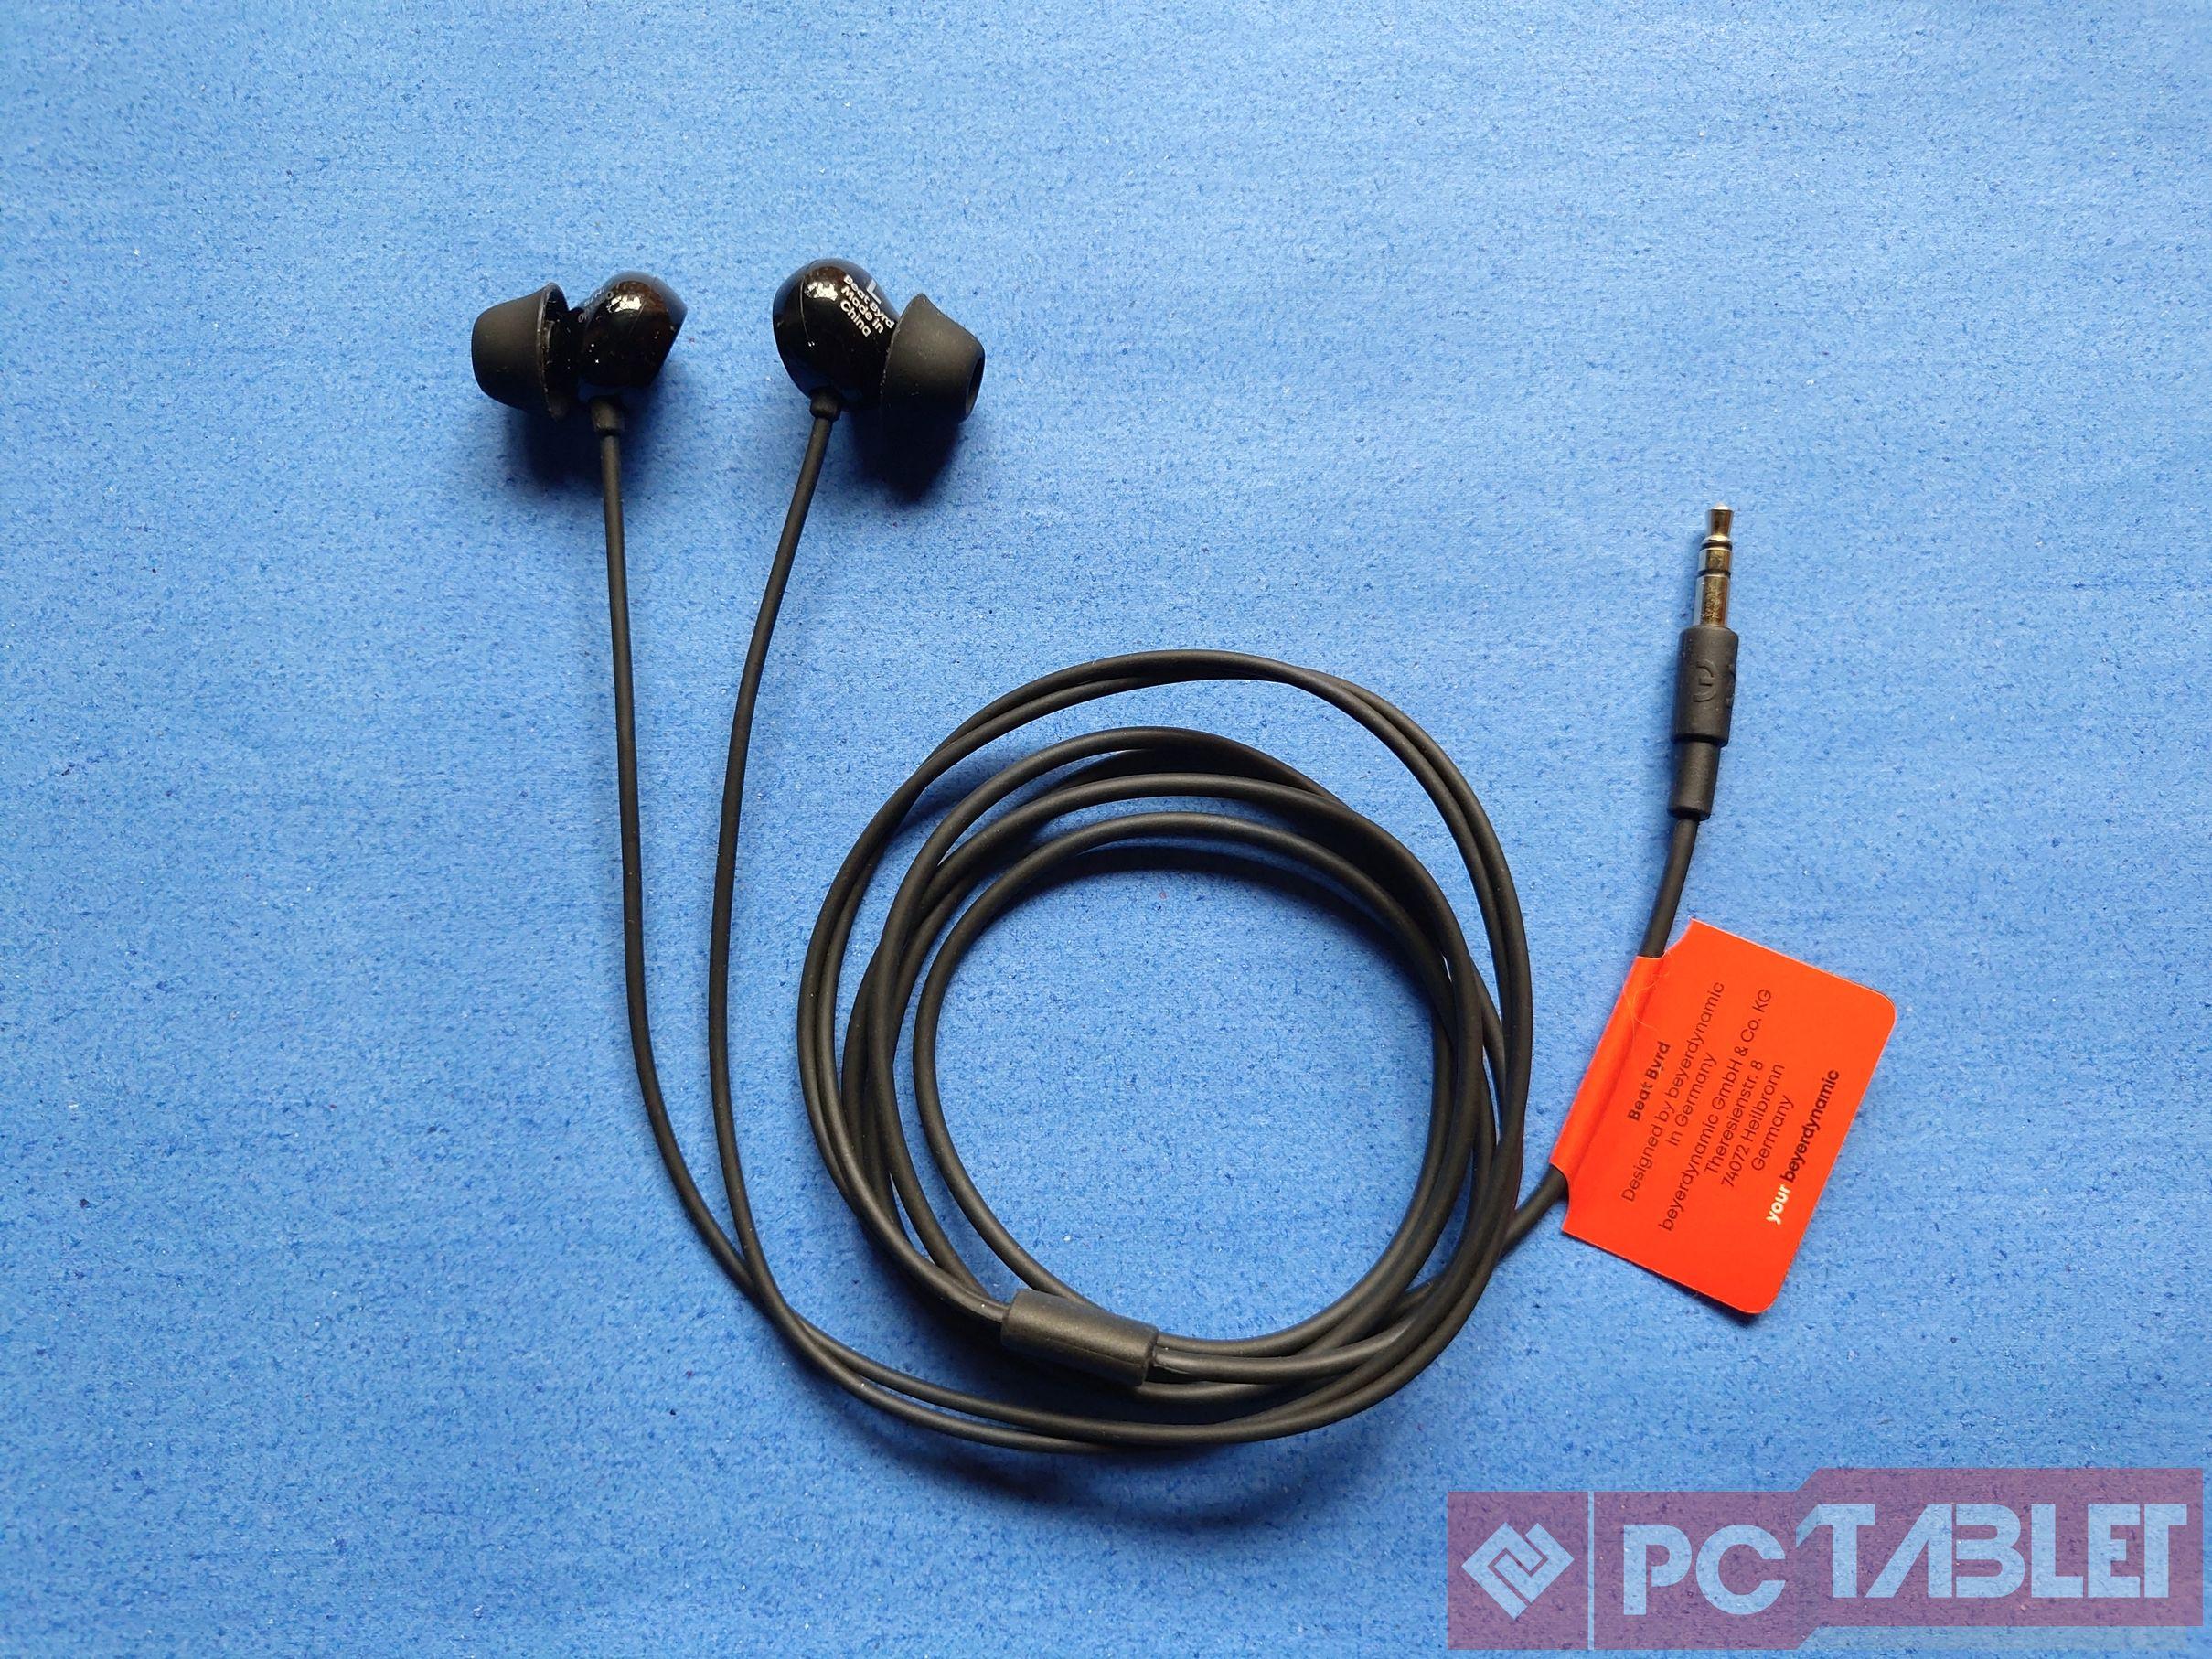 Beyerdynamic beat byrd earphones 2